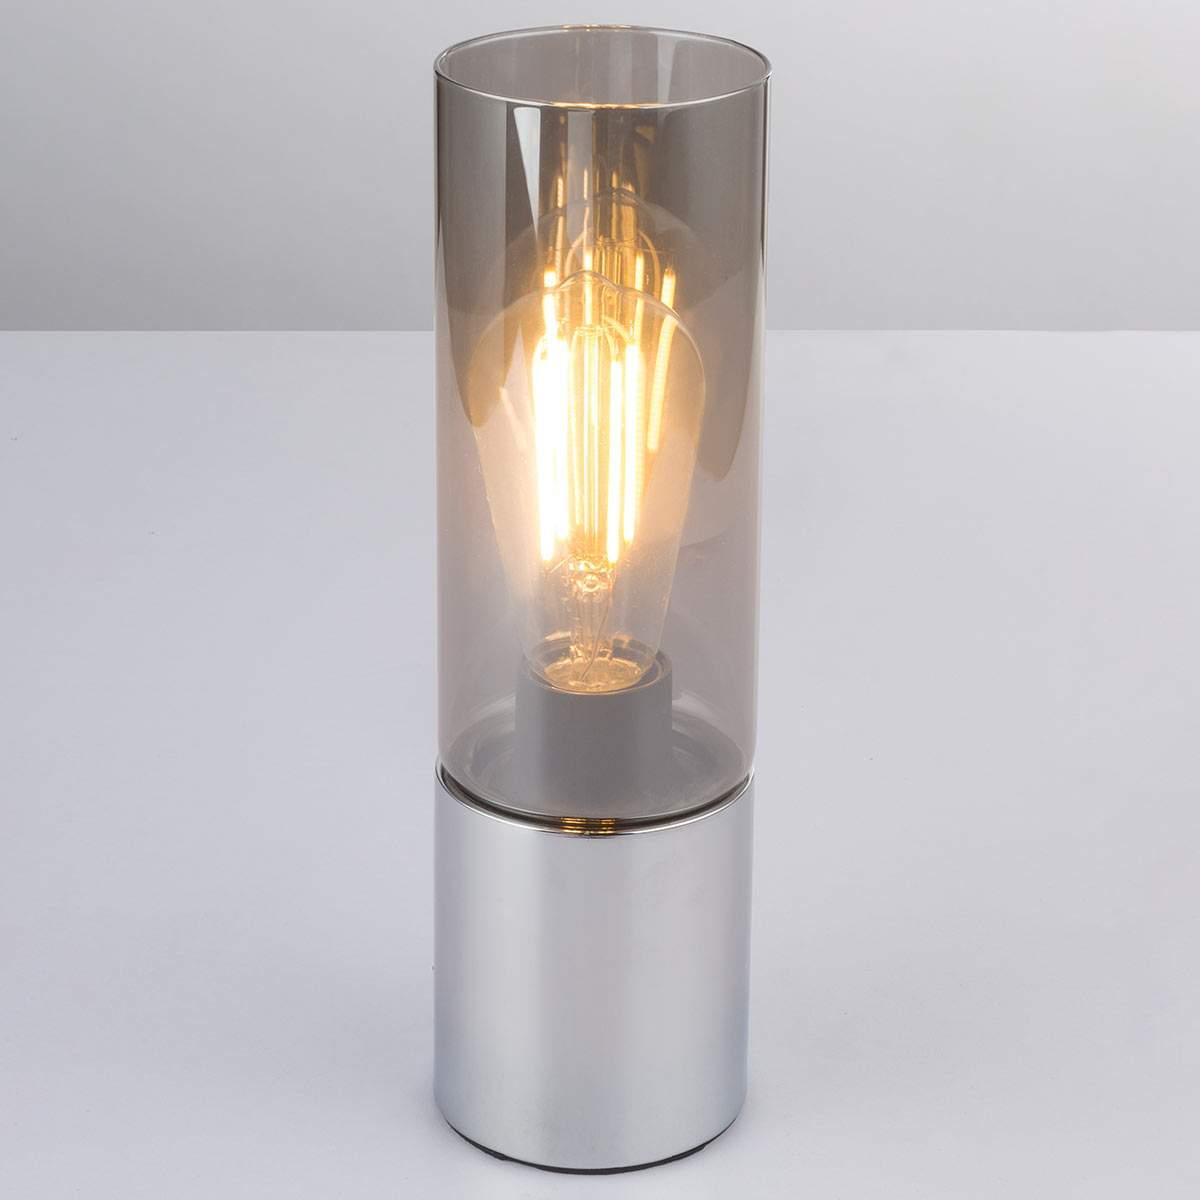 Lampada da tavolo Annika, paralume in vetro fumé Illuminazione per interni